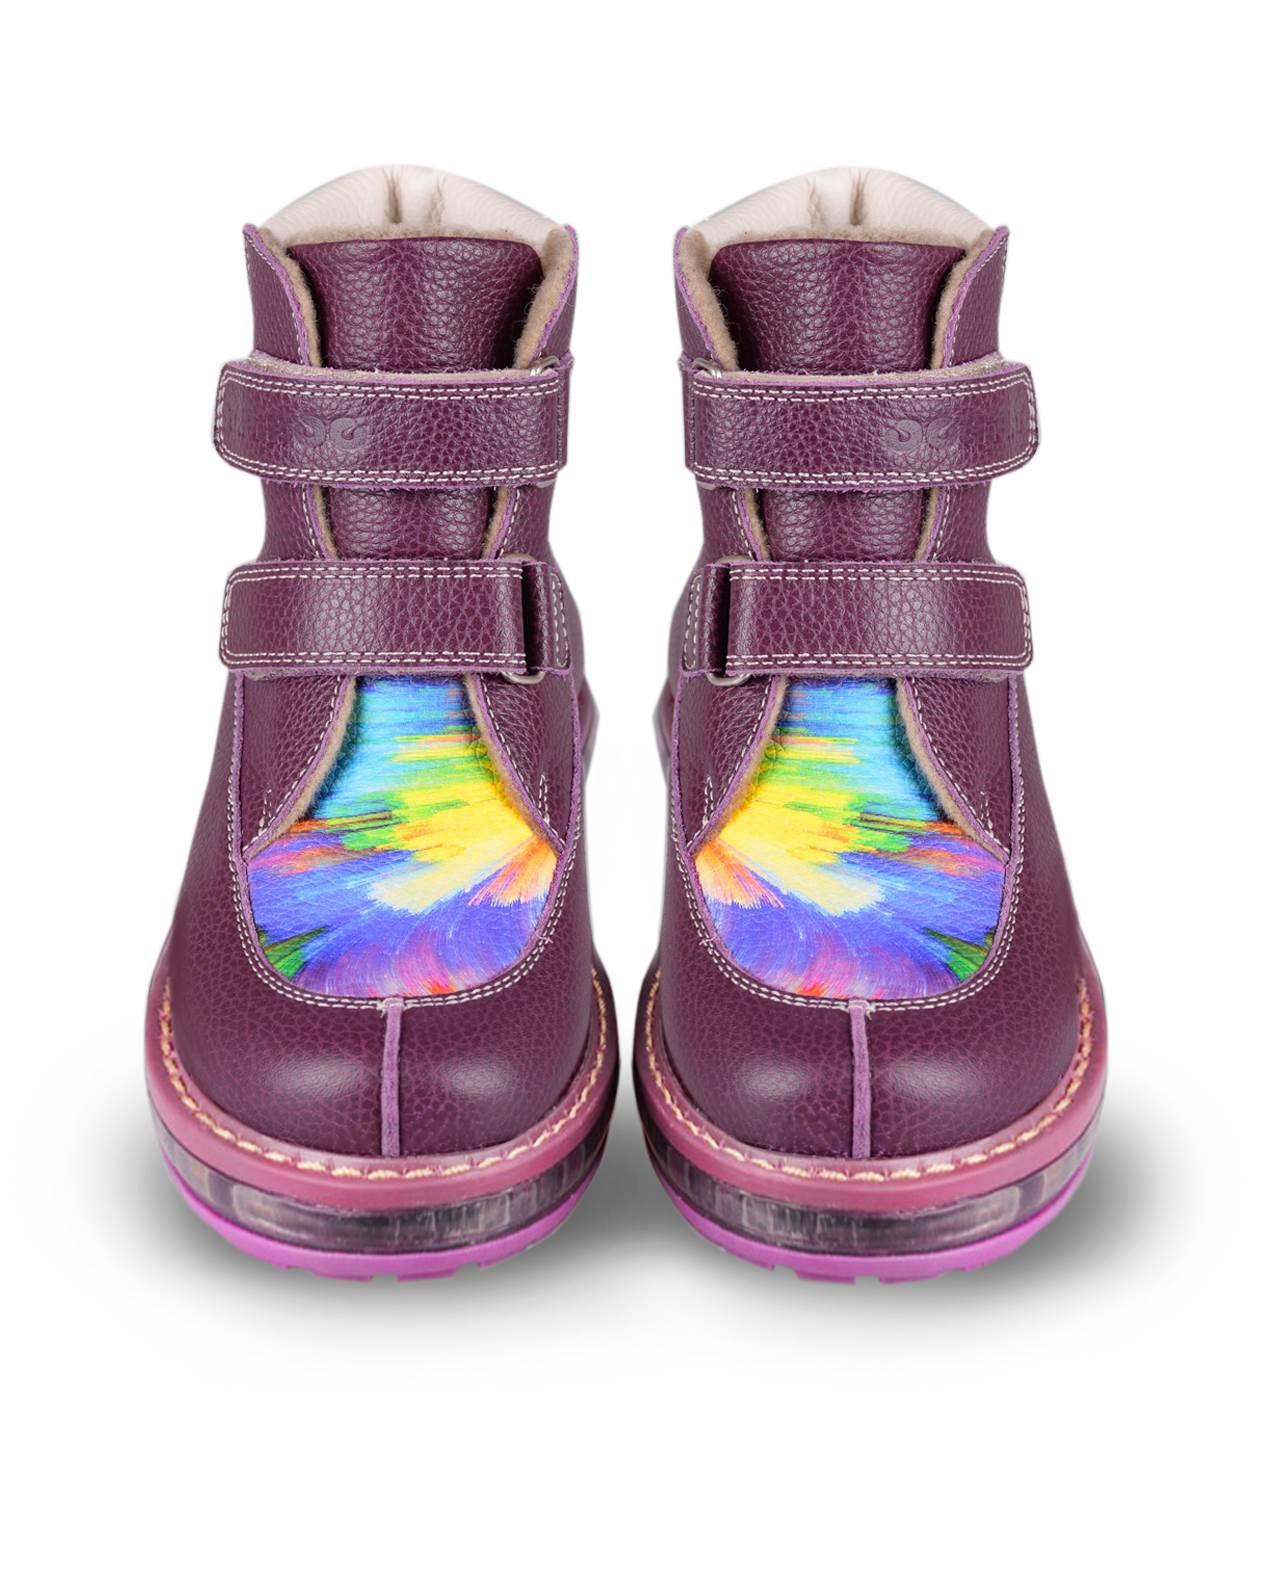 Ботинки Детские, Tapiboo СмородинаОсень<br>Ботинки утепленные. Многослойная, анатомическая <br>стелька для правильного формирования стопы. <br>Жесткий фиксирующий задник с удлиненным <br>крылом надежно стабилизирует голеностопный <br>сустав во время ходьбы. Упругая, умеренно-эластичная <br>подошва, имеющая перекат позволяющий повторить <br>естественное движение стопы при ходьбе <br>для правильного распределения нагрузки <br>на опорно-двигательный аппарат ребенка. <br>Подкладка из байки LANATEX поддерживает комфортную <br>температуру внутри обуви при погодных условиях <br>от +5 до -5 градусов. Застежки типа «велкро» <br>позволяют оптимально подогнать полноту <br>обуви по ноге ребенка (большой подъем или <br>вложение специальных вкладных ортопедических <br>приспособлений), обеспечивая при этом оптимальную <br>фиксацию стопы.<br>Размер INT: M; Цвет: Красный; Ширина: 100; Высота: 200; Вес: 1000;